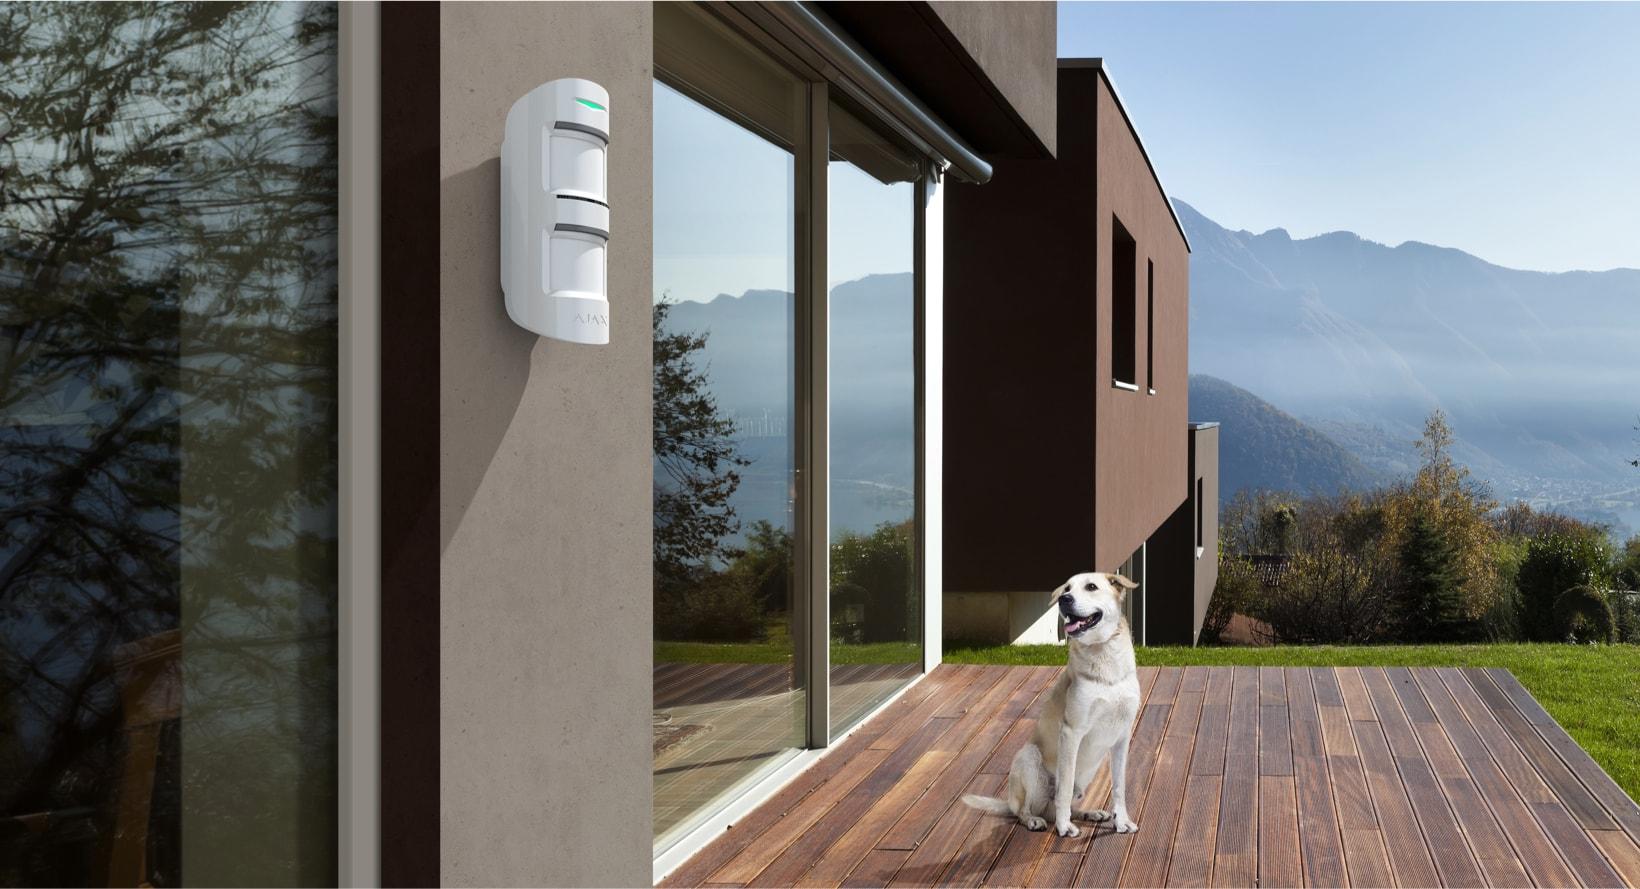 Outdoor Detector